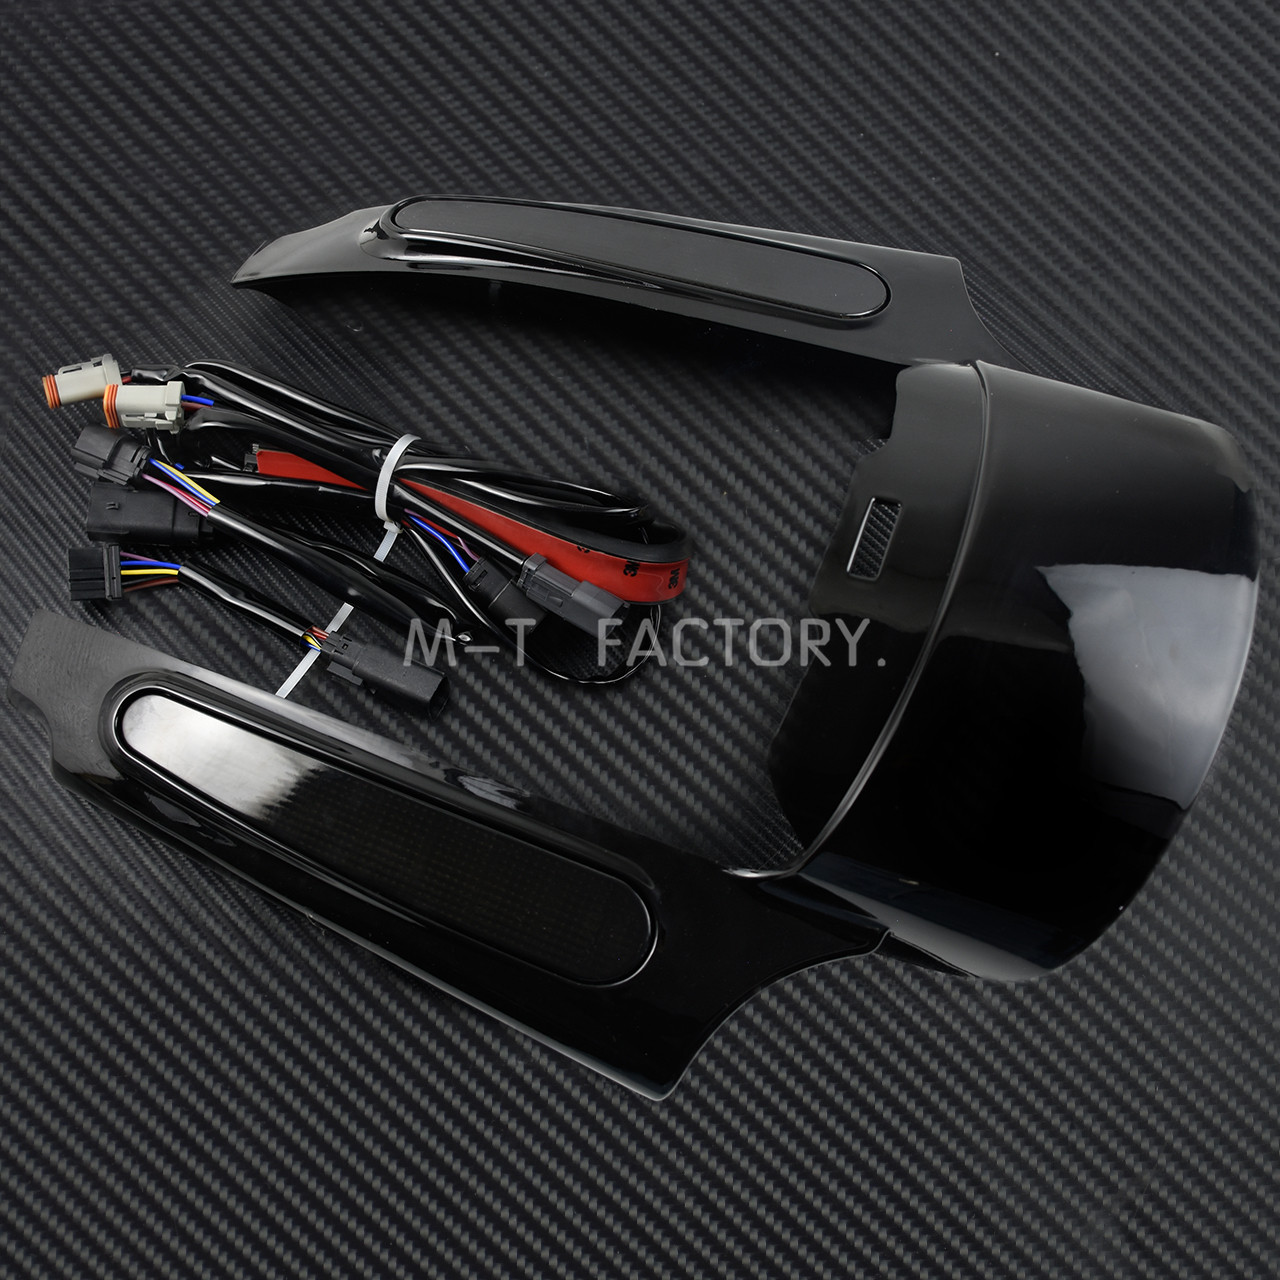 Motocicleta LED luz trasera guardabarros conjunto de fascia negro brillante para Harley Touring Electra Glide camino clásico King CVO deslizamiento callejero - 3